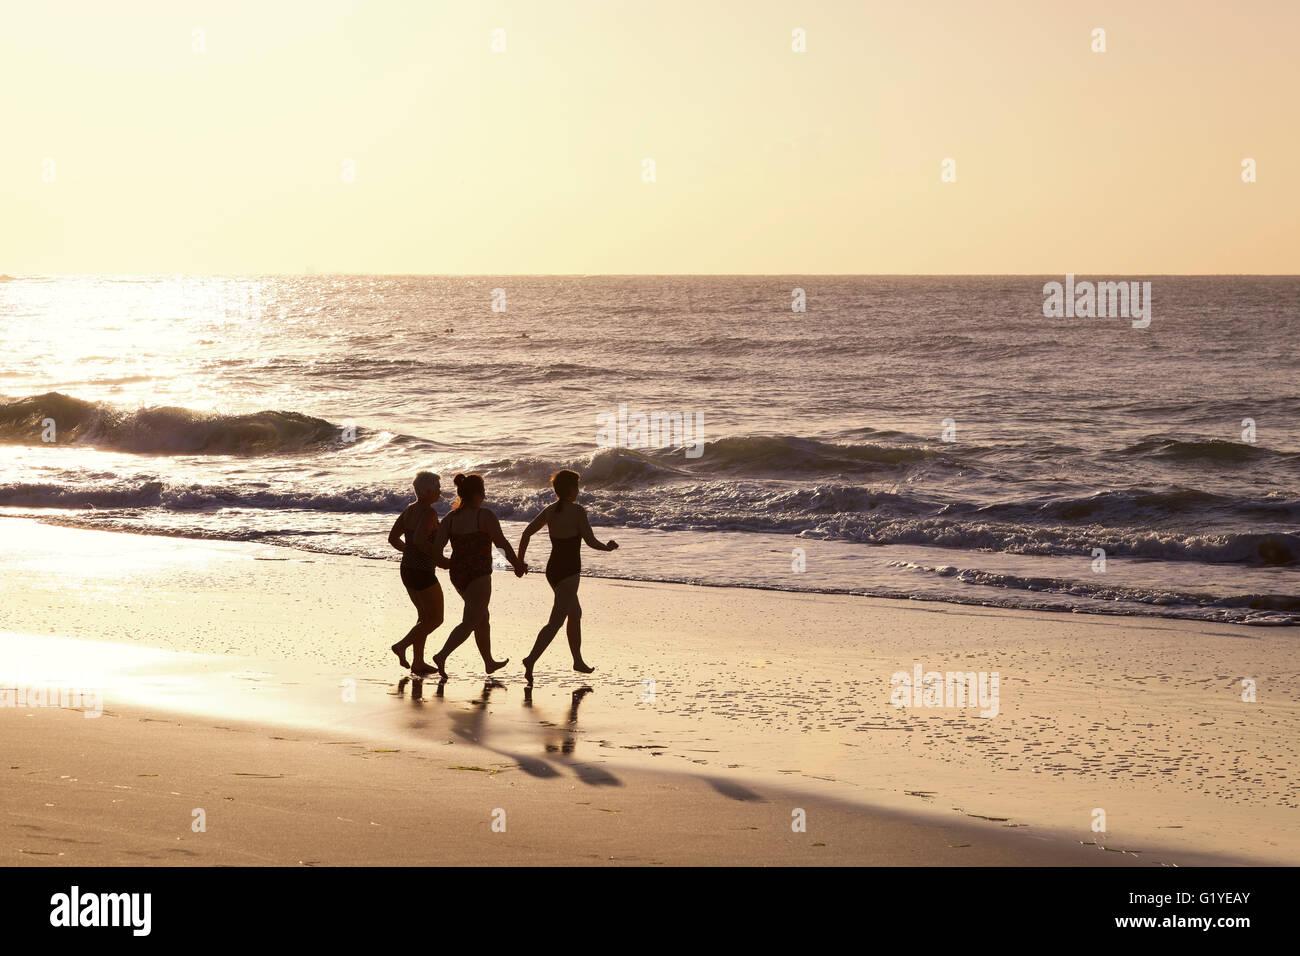 Tres mujeres corriendo en la playa en el agua con retroiluminación, Caloundra, Queensland, Australia Imagen De Stock